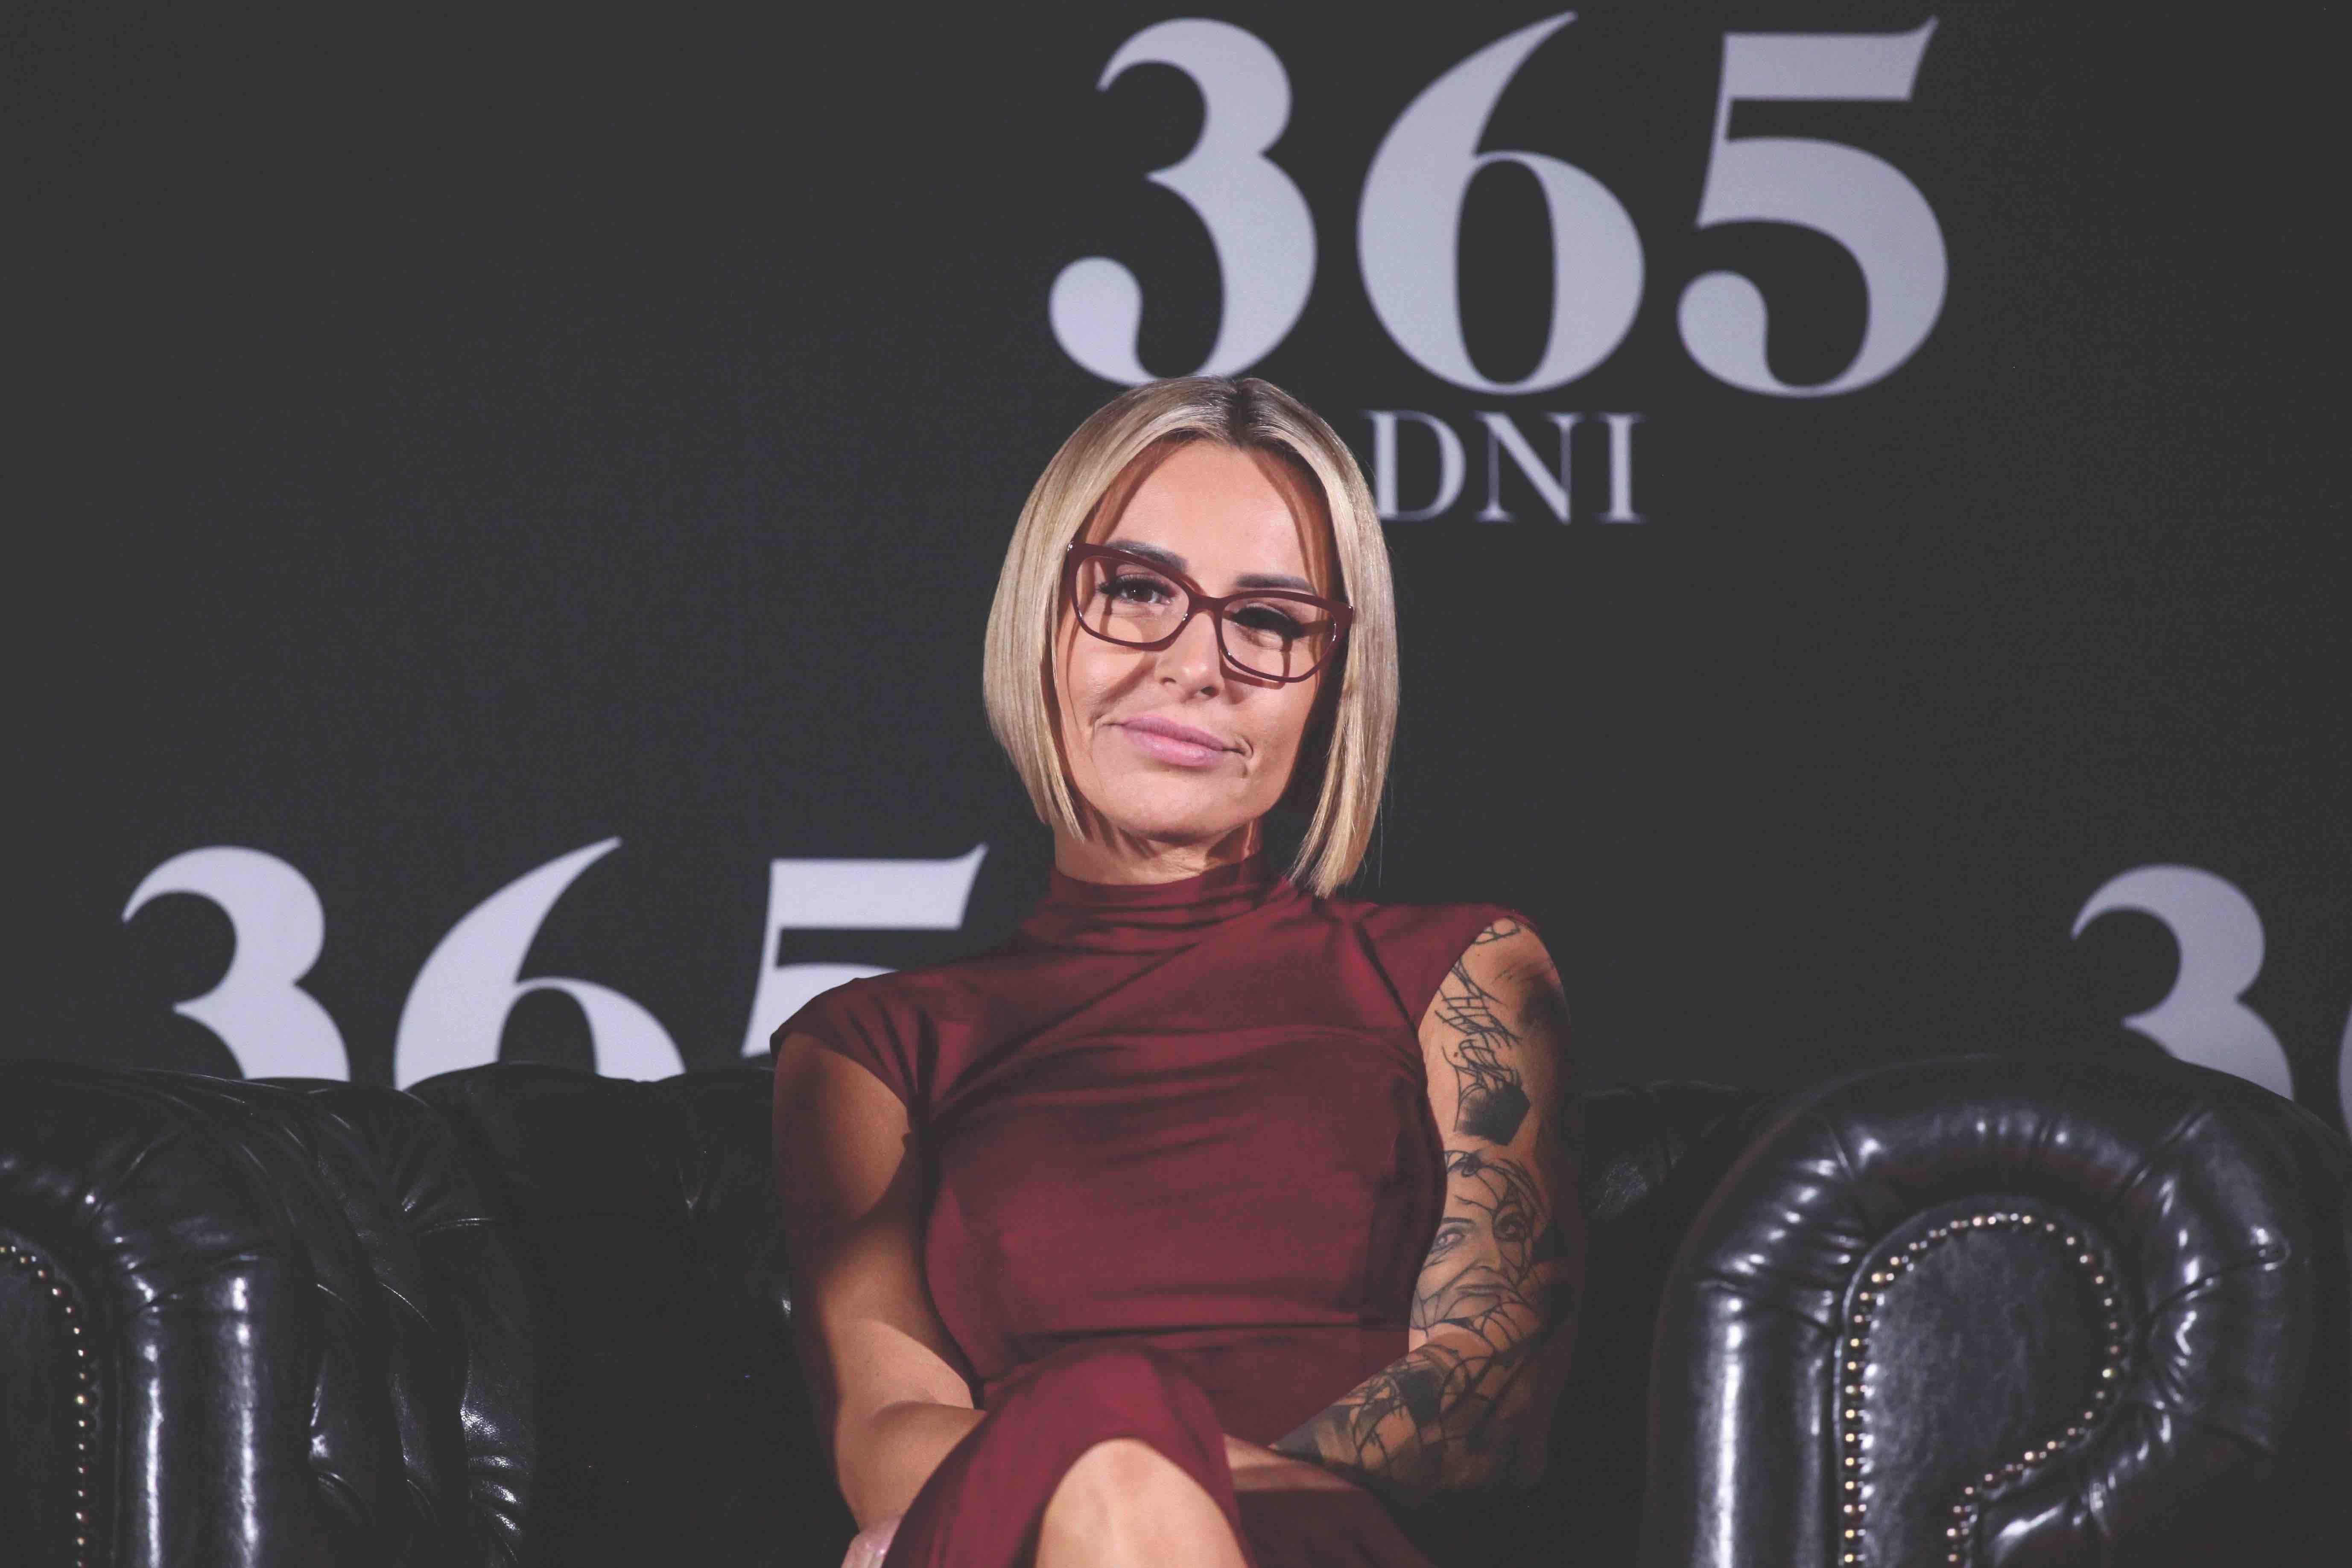 Soft-porno, antynatalizm i polskie społeczeństwo   Gazeta